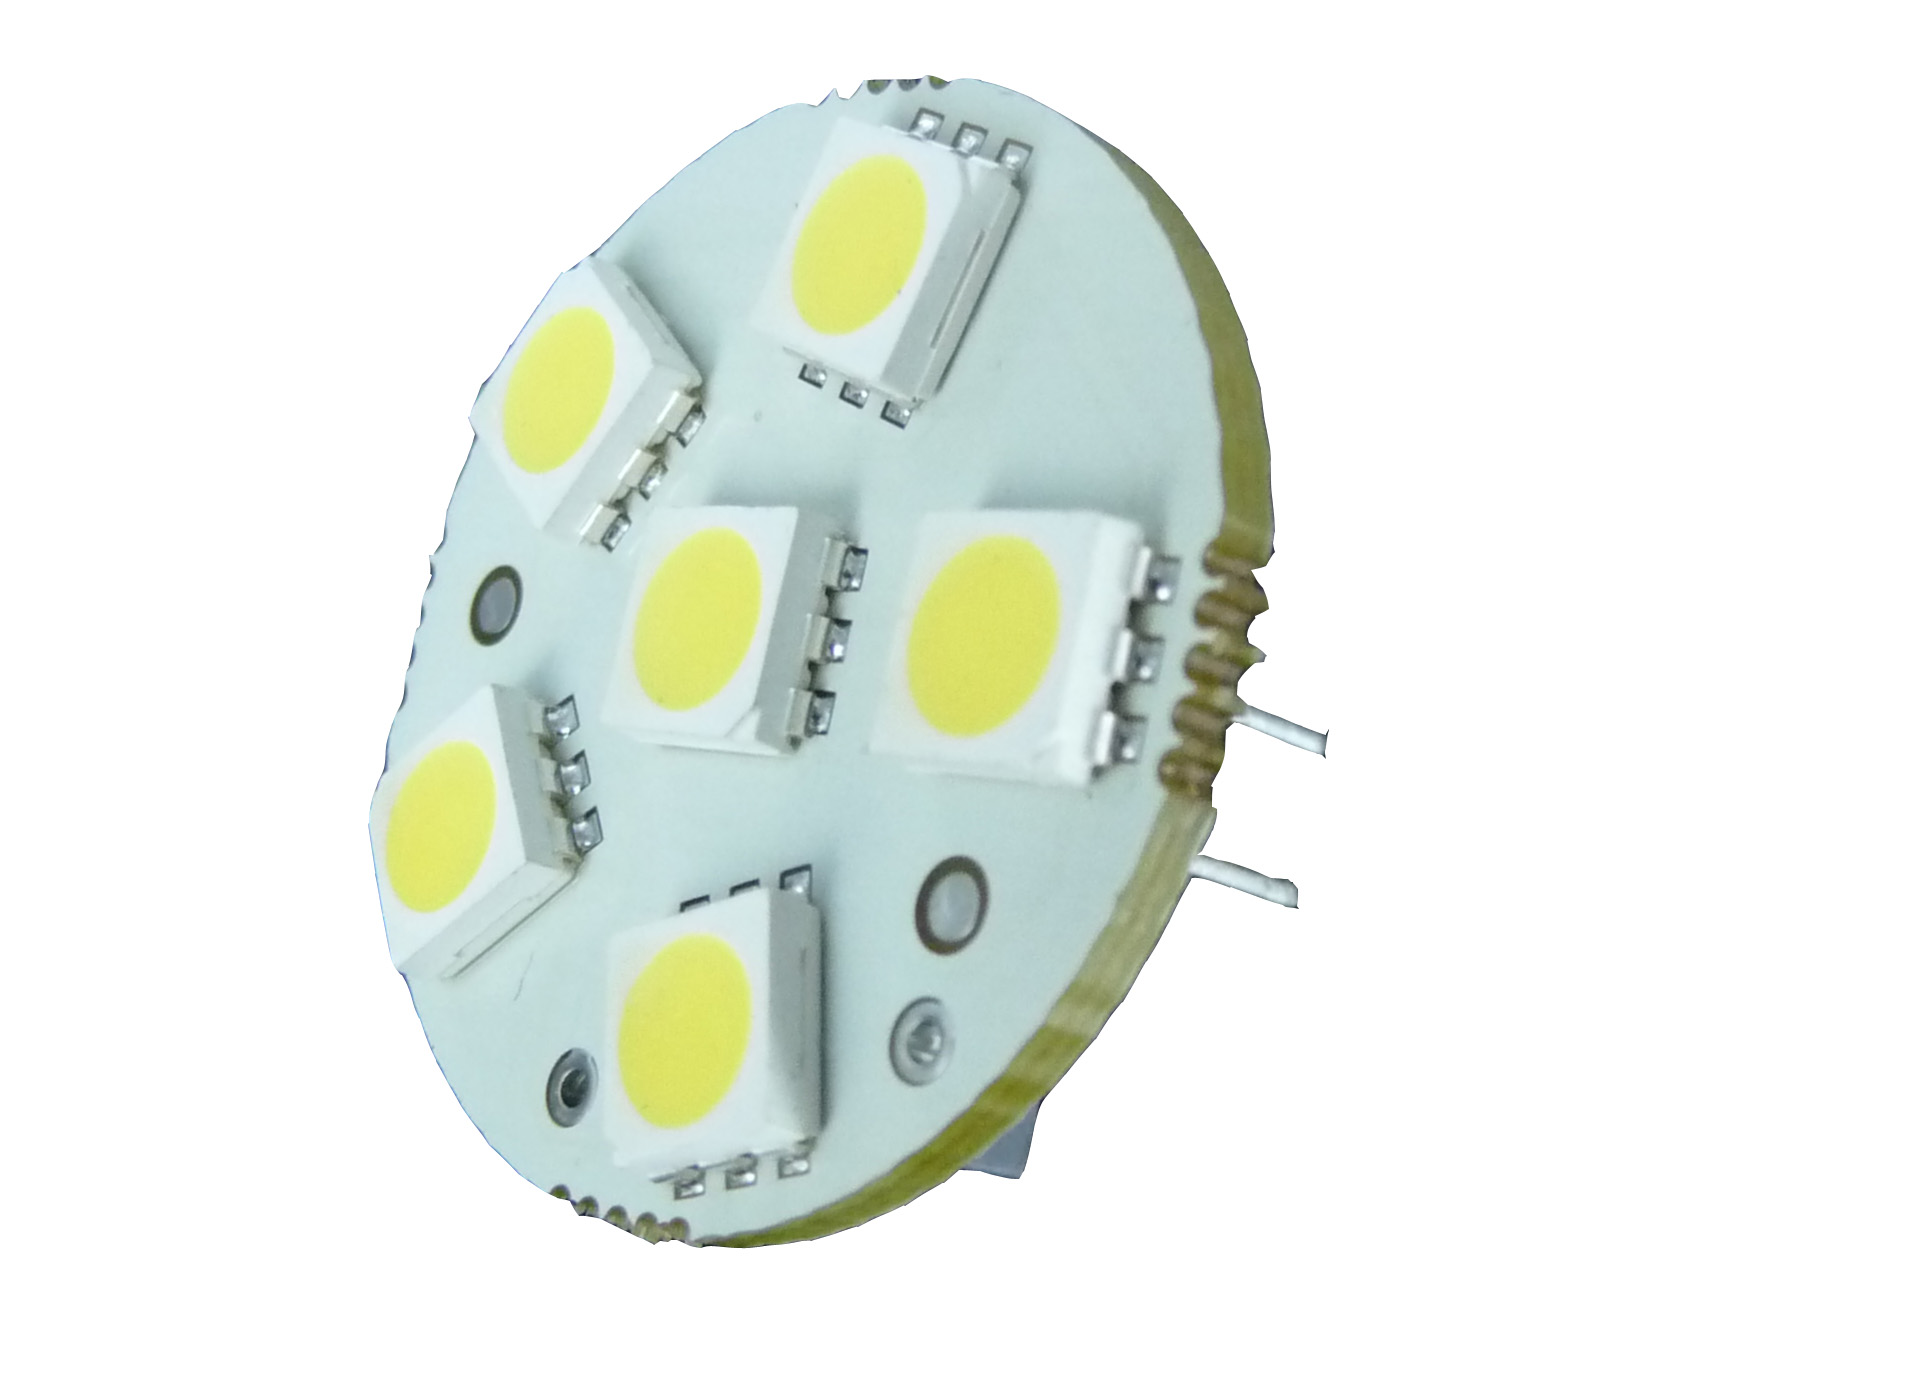 Blanc Chaud G4 Verticale 10w Ampoule FJTlKc1